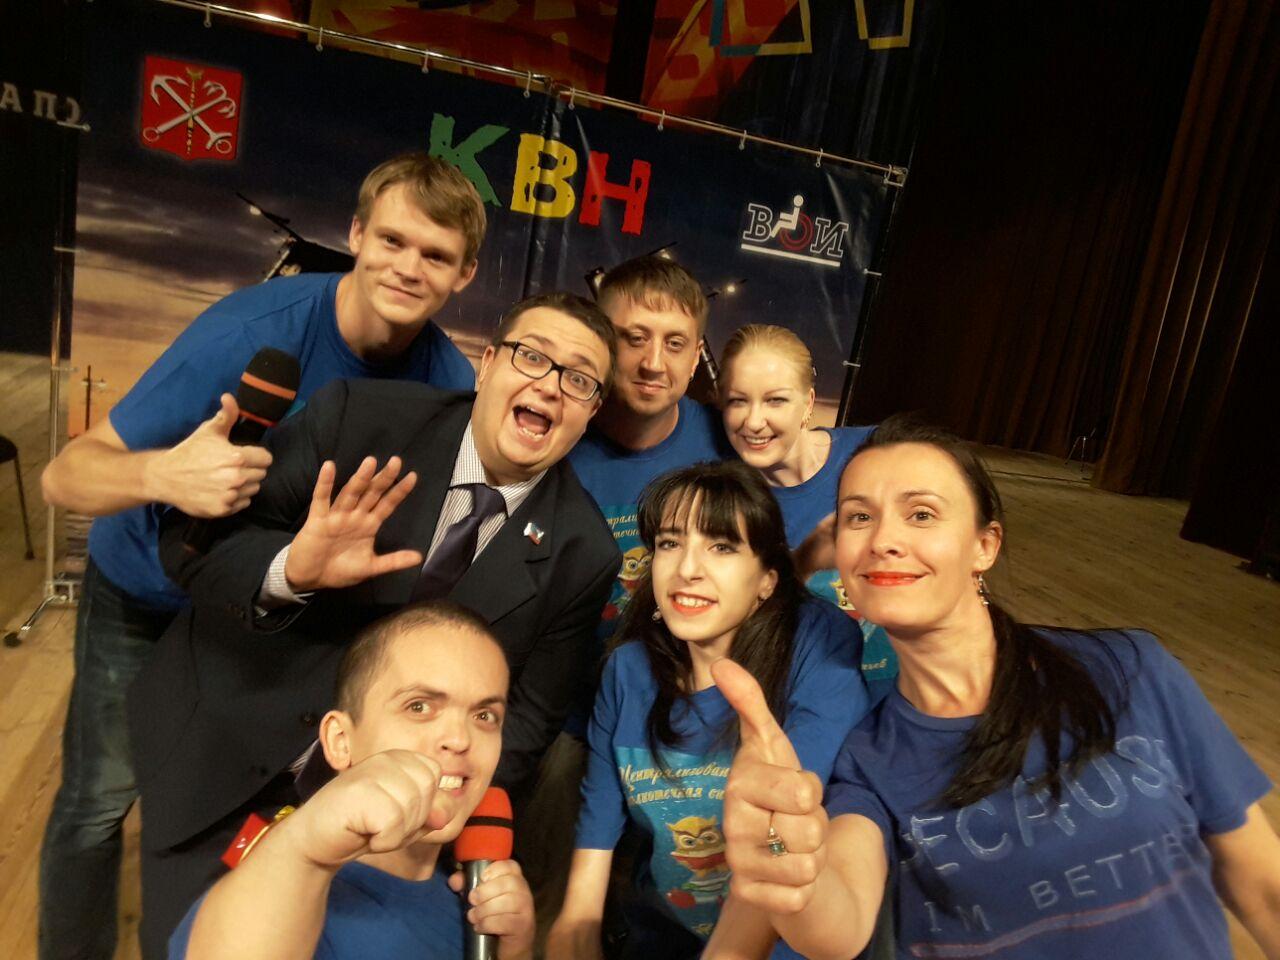 Команда из Арсеньева отличилась на фестивале КВН в Санкт-Петербурге